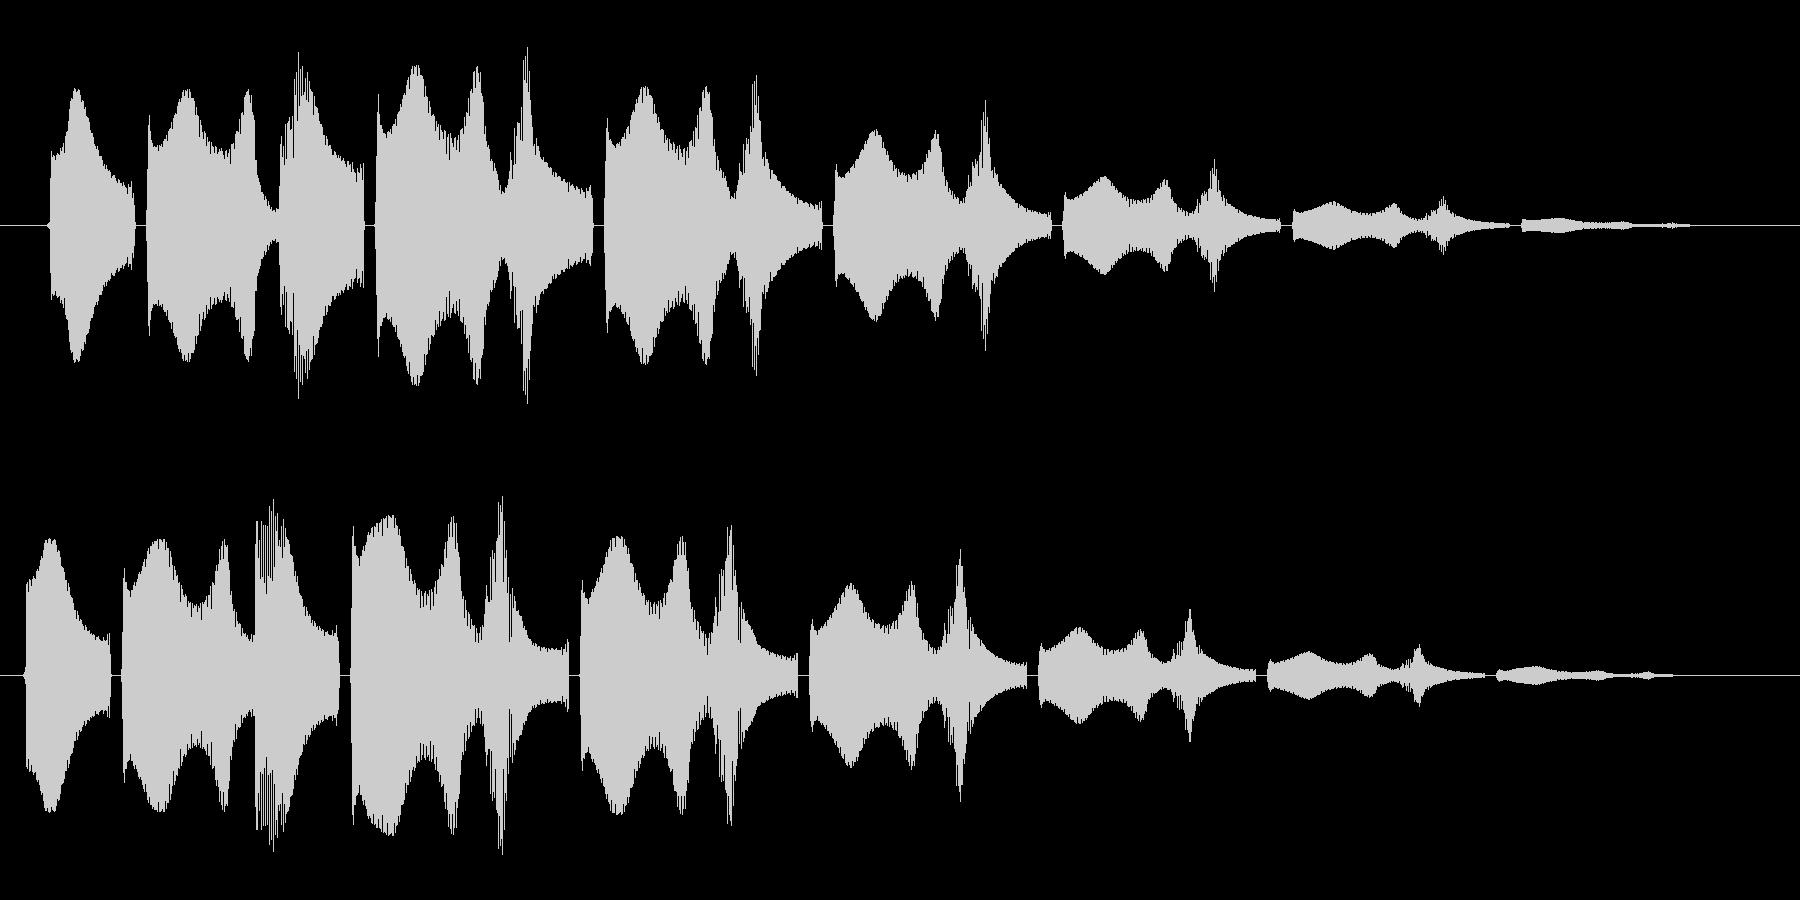 ワープするときに聞こえる音の未再生の波形